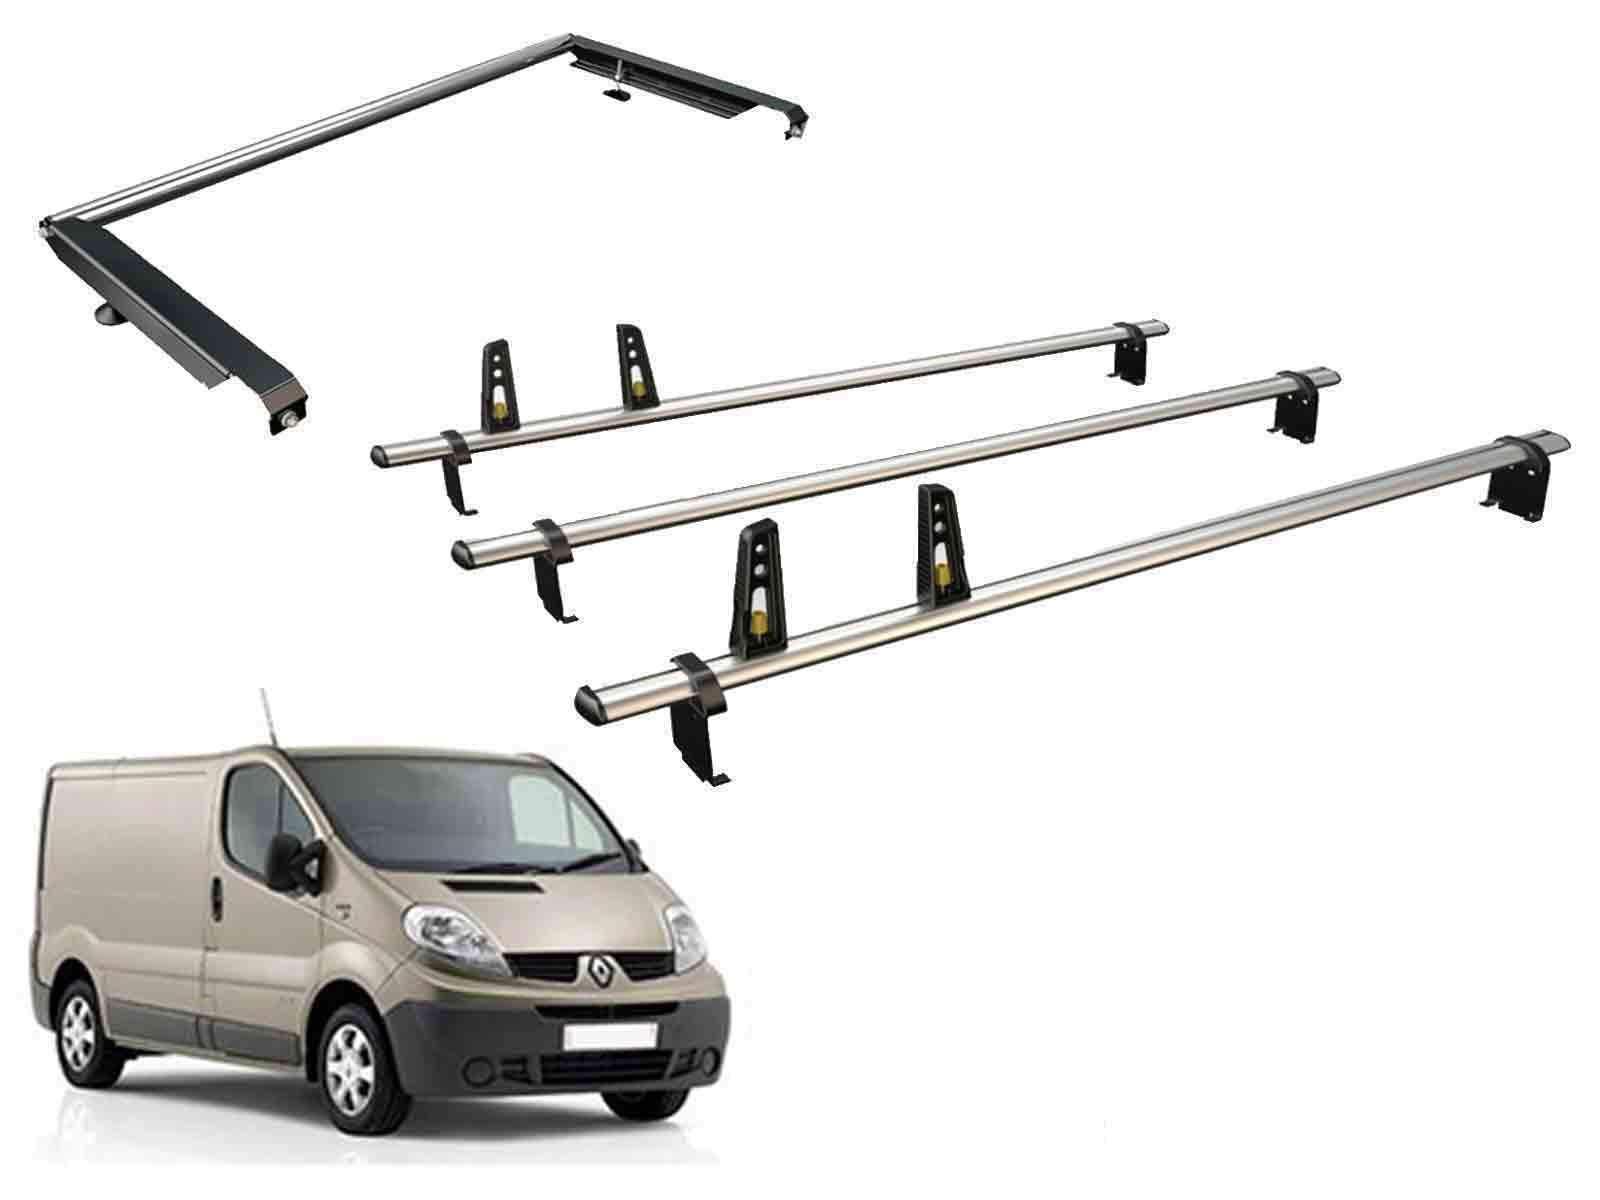 Van Guard Ulti Bar - Juego de 3 Barras de Techo y Rodillo de Escalera Trasera para Renault Trafic (01-14): Amazon.es: Coche y moto